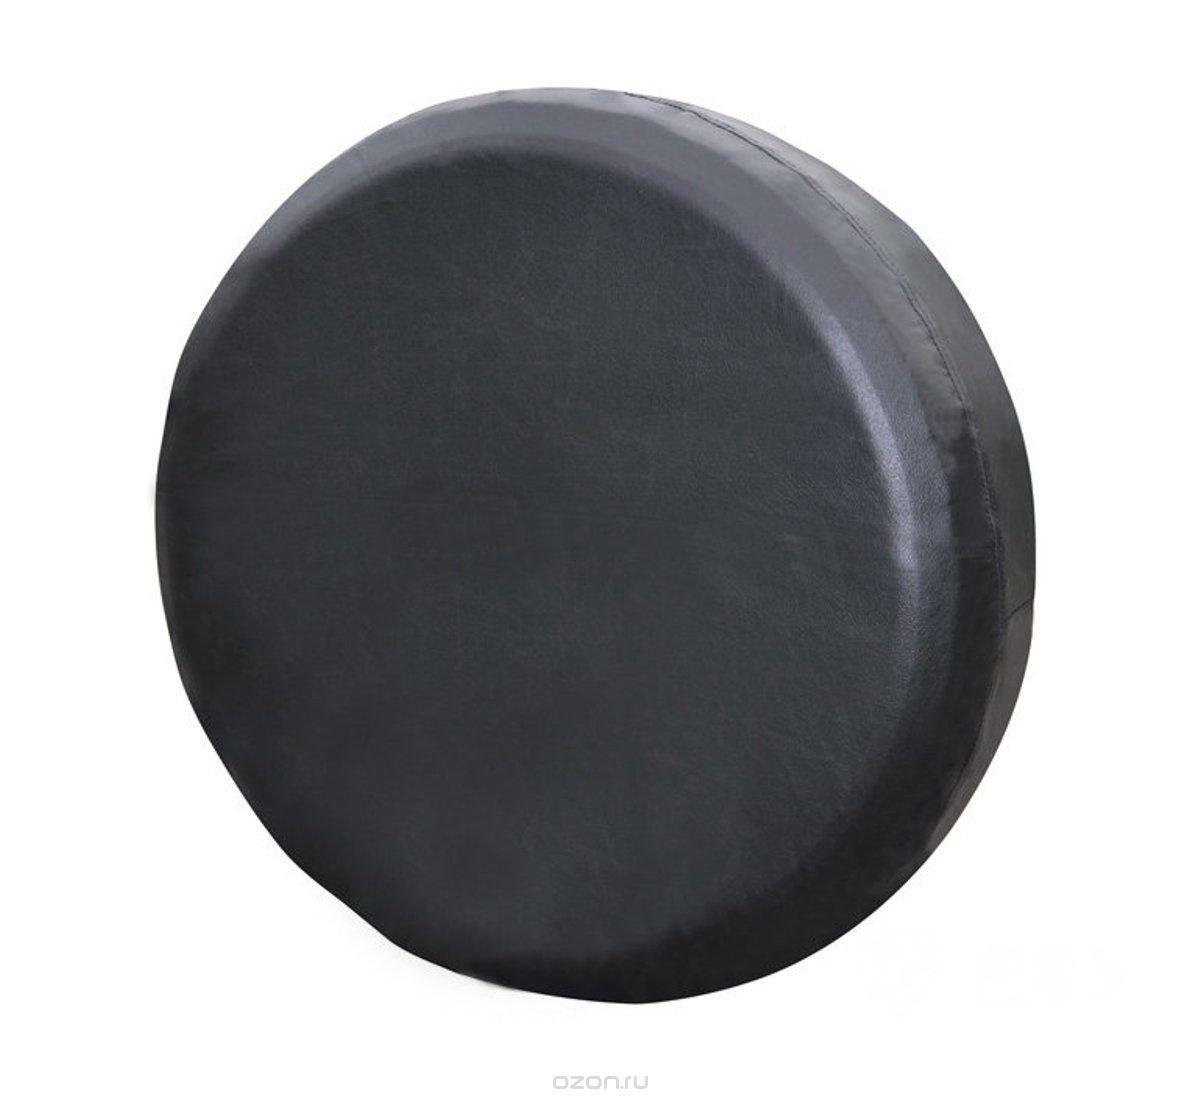 """Чехол на запасное колесо """"Auto Premium"""", цвет: черный. Размер M (69,5-73,5 см)"""